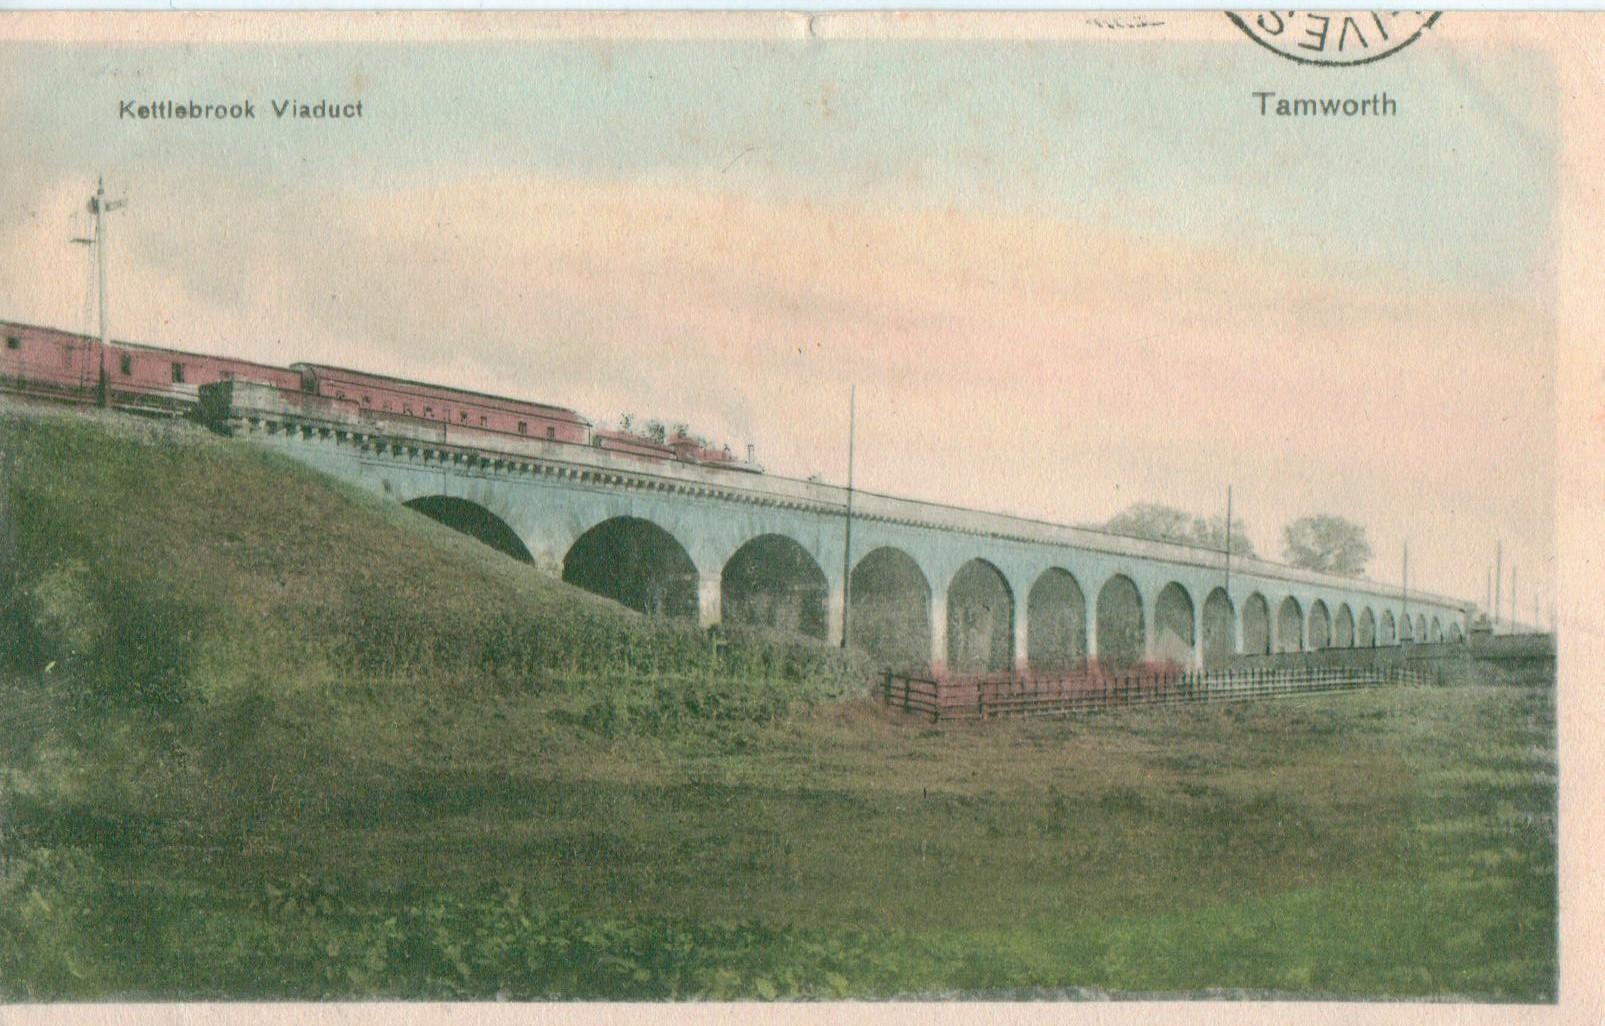 Kettlebrook Viaduct